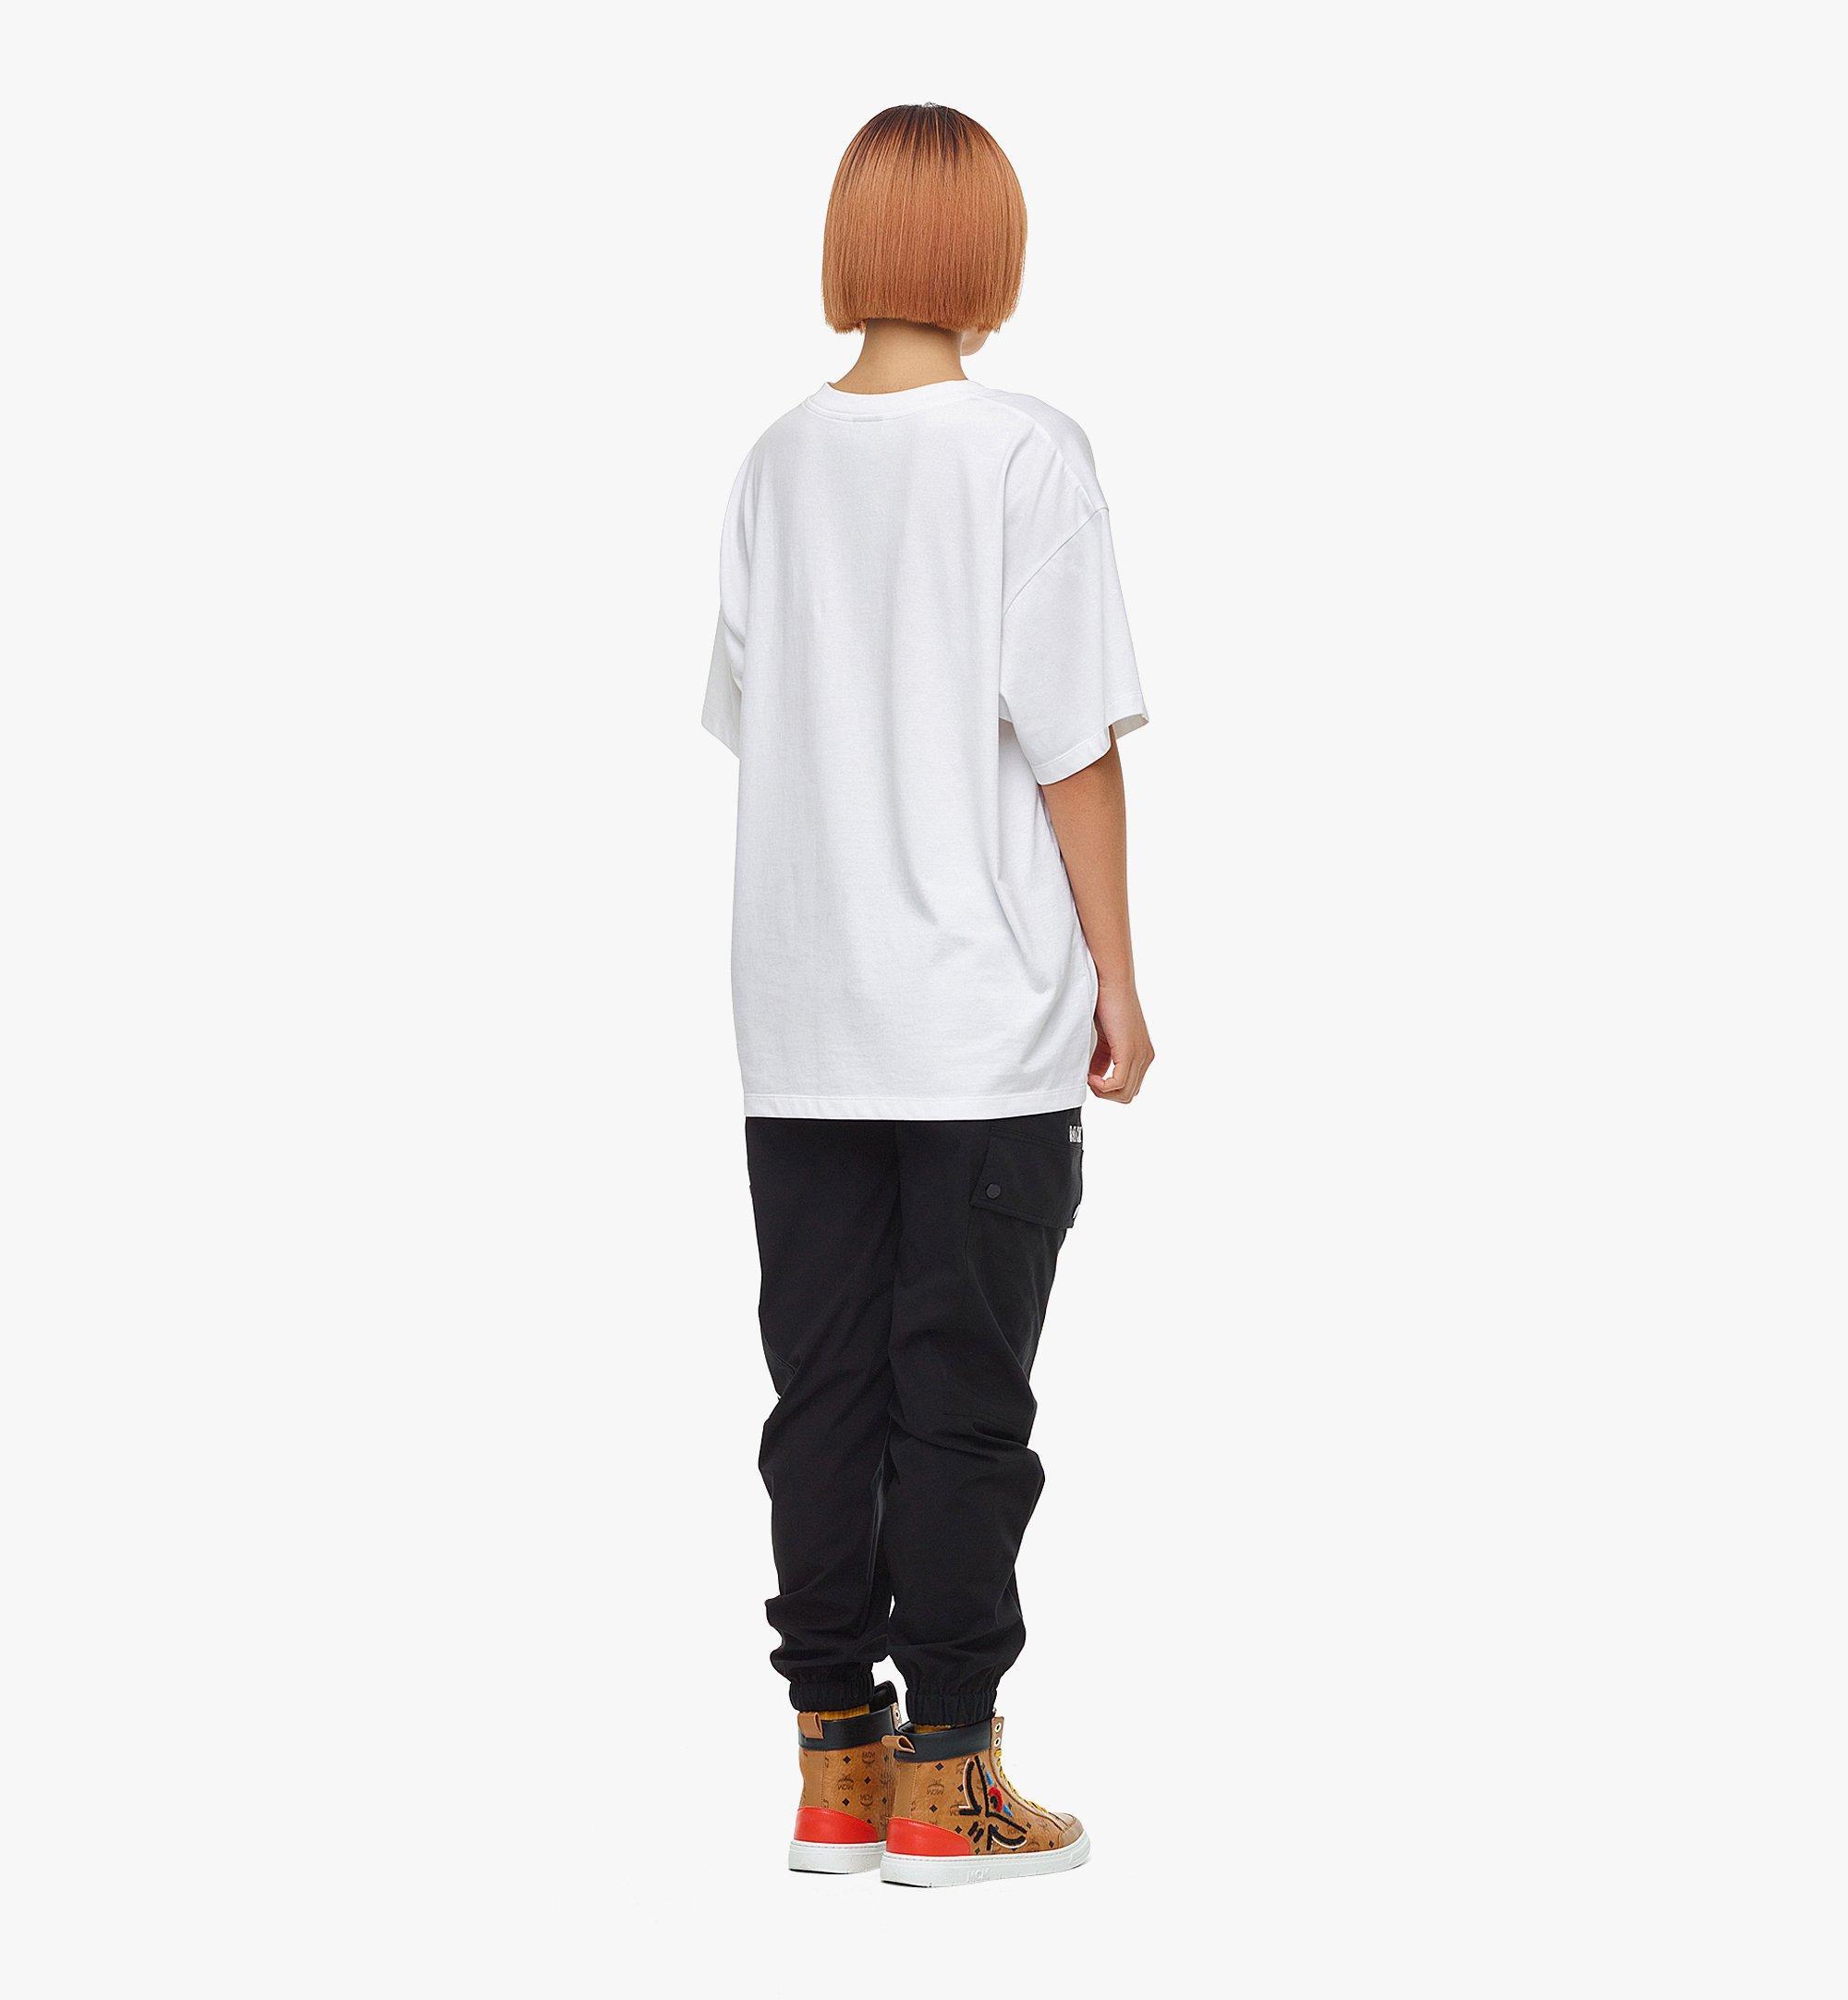 MCM MCM x SAMBYPEN T-Shirt mit gedrucktem Logo White MHTBASP02WD00M Noch mehr sehen 6